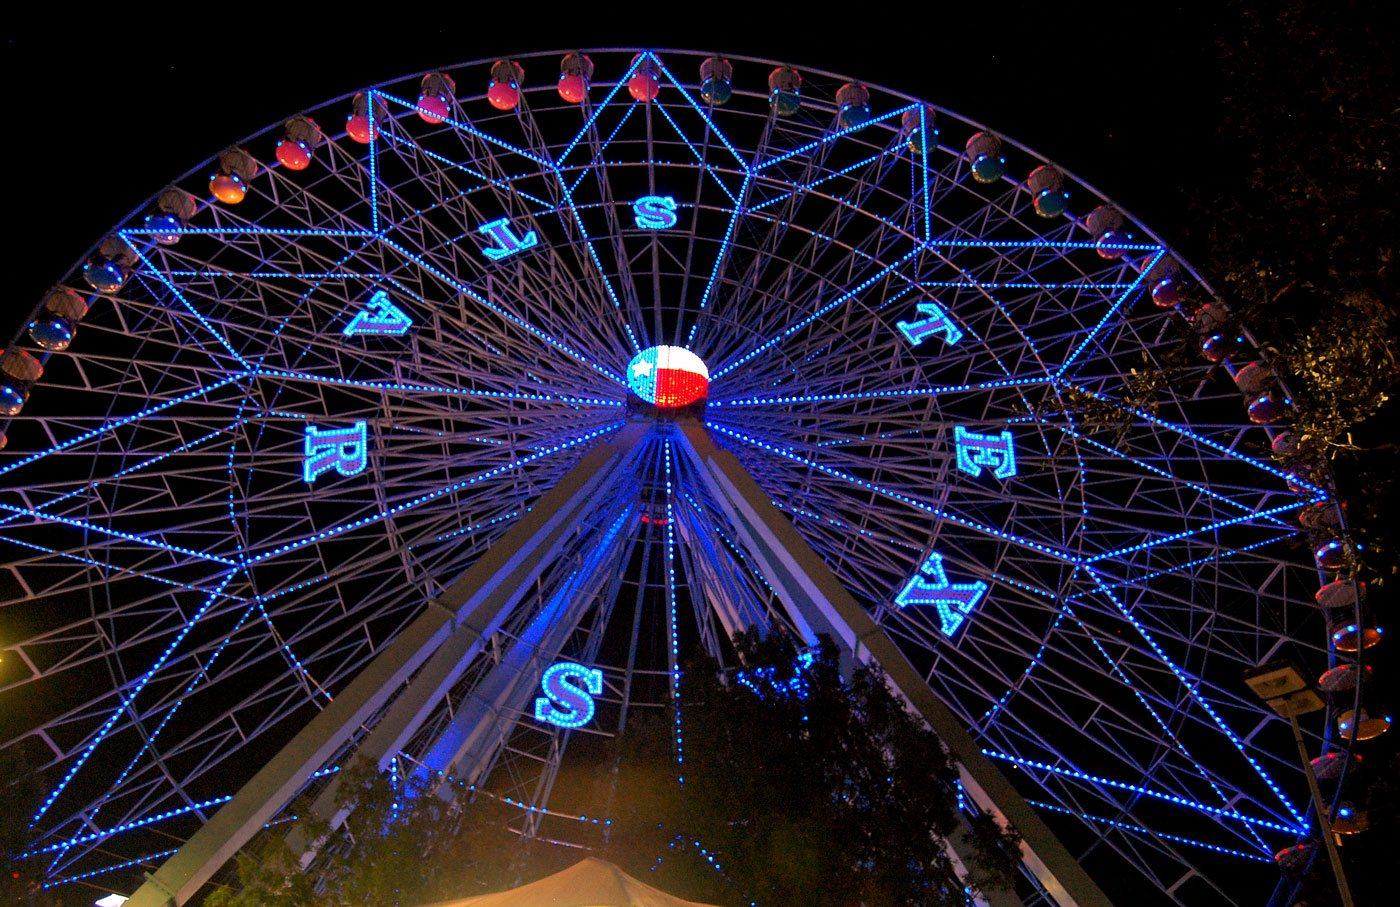 Texas_Star_-_Texas_State_Fair